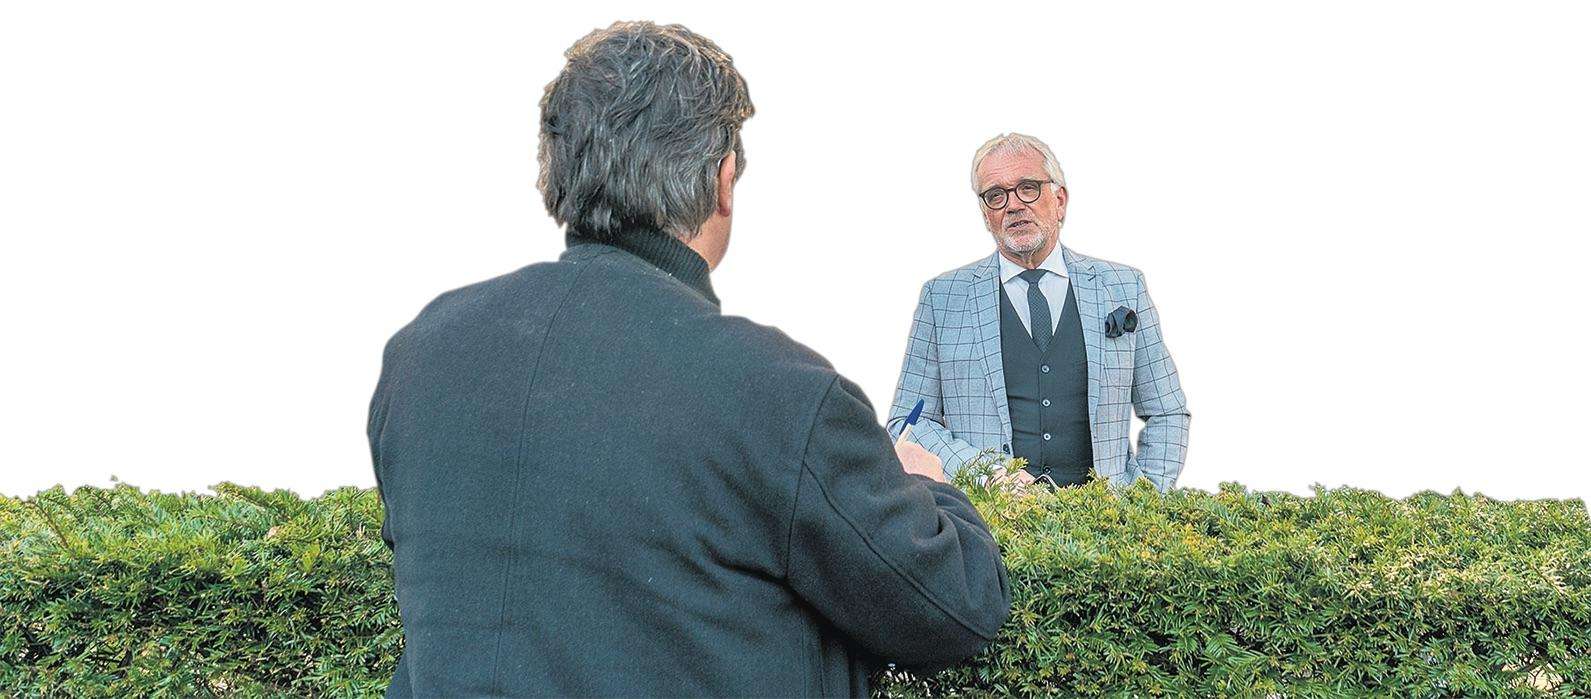 Burgemeester Bruinooge van Alkmaar vindt persconferentie van Rutte indrukwekkend